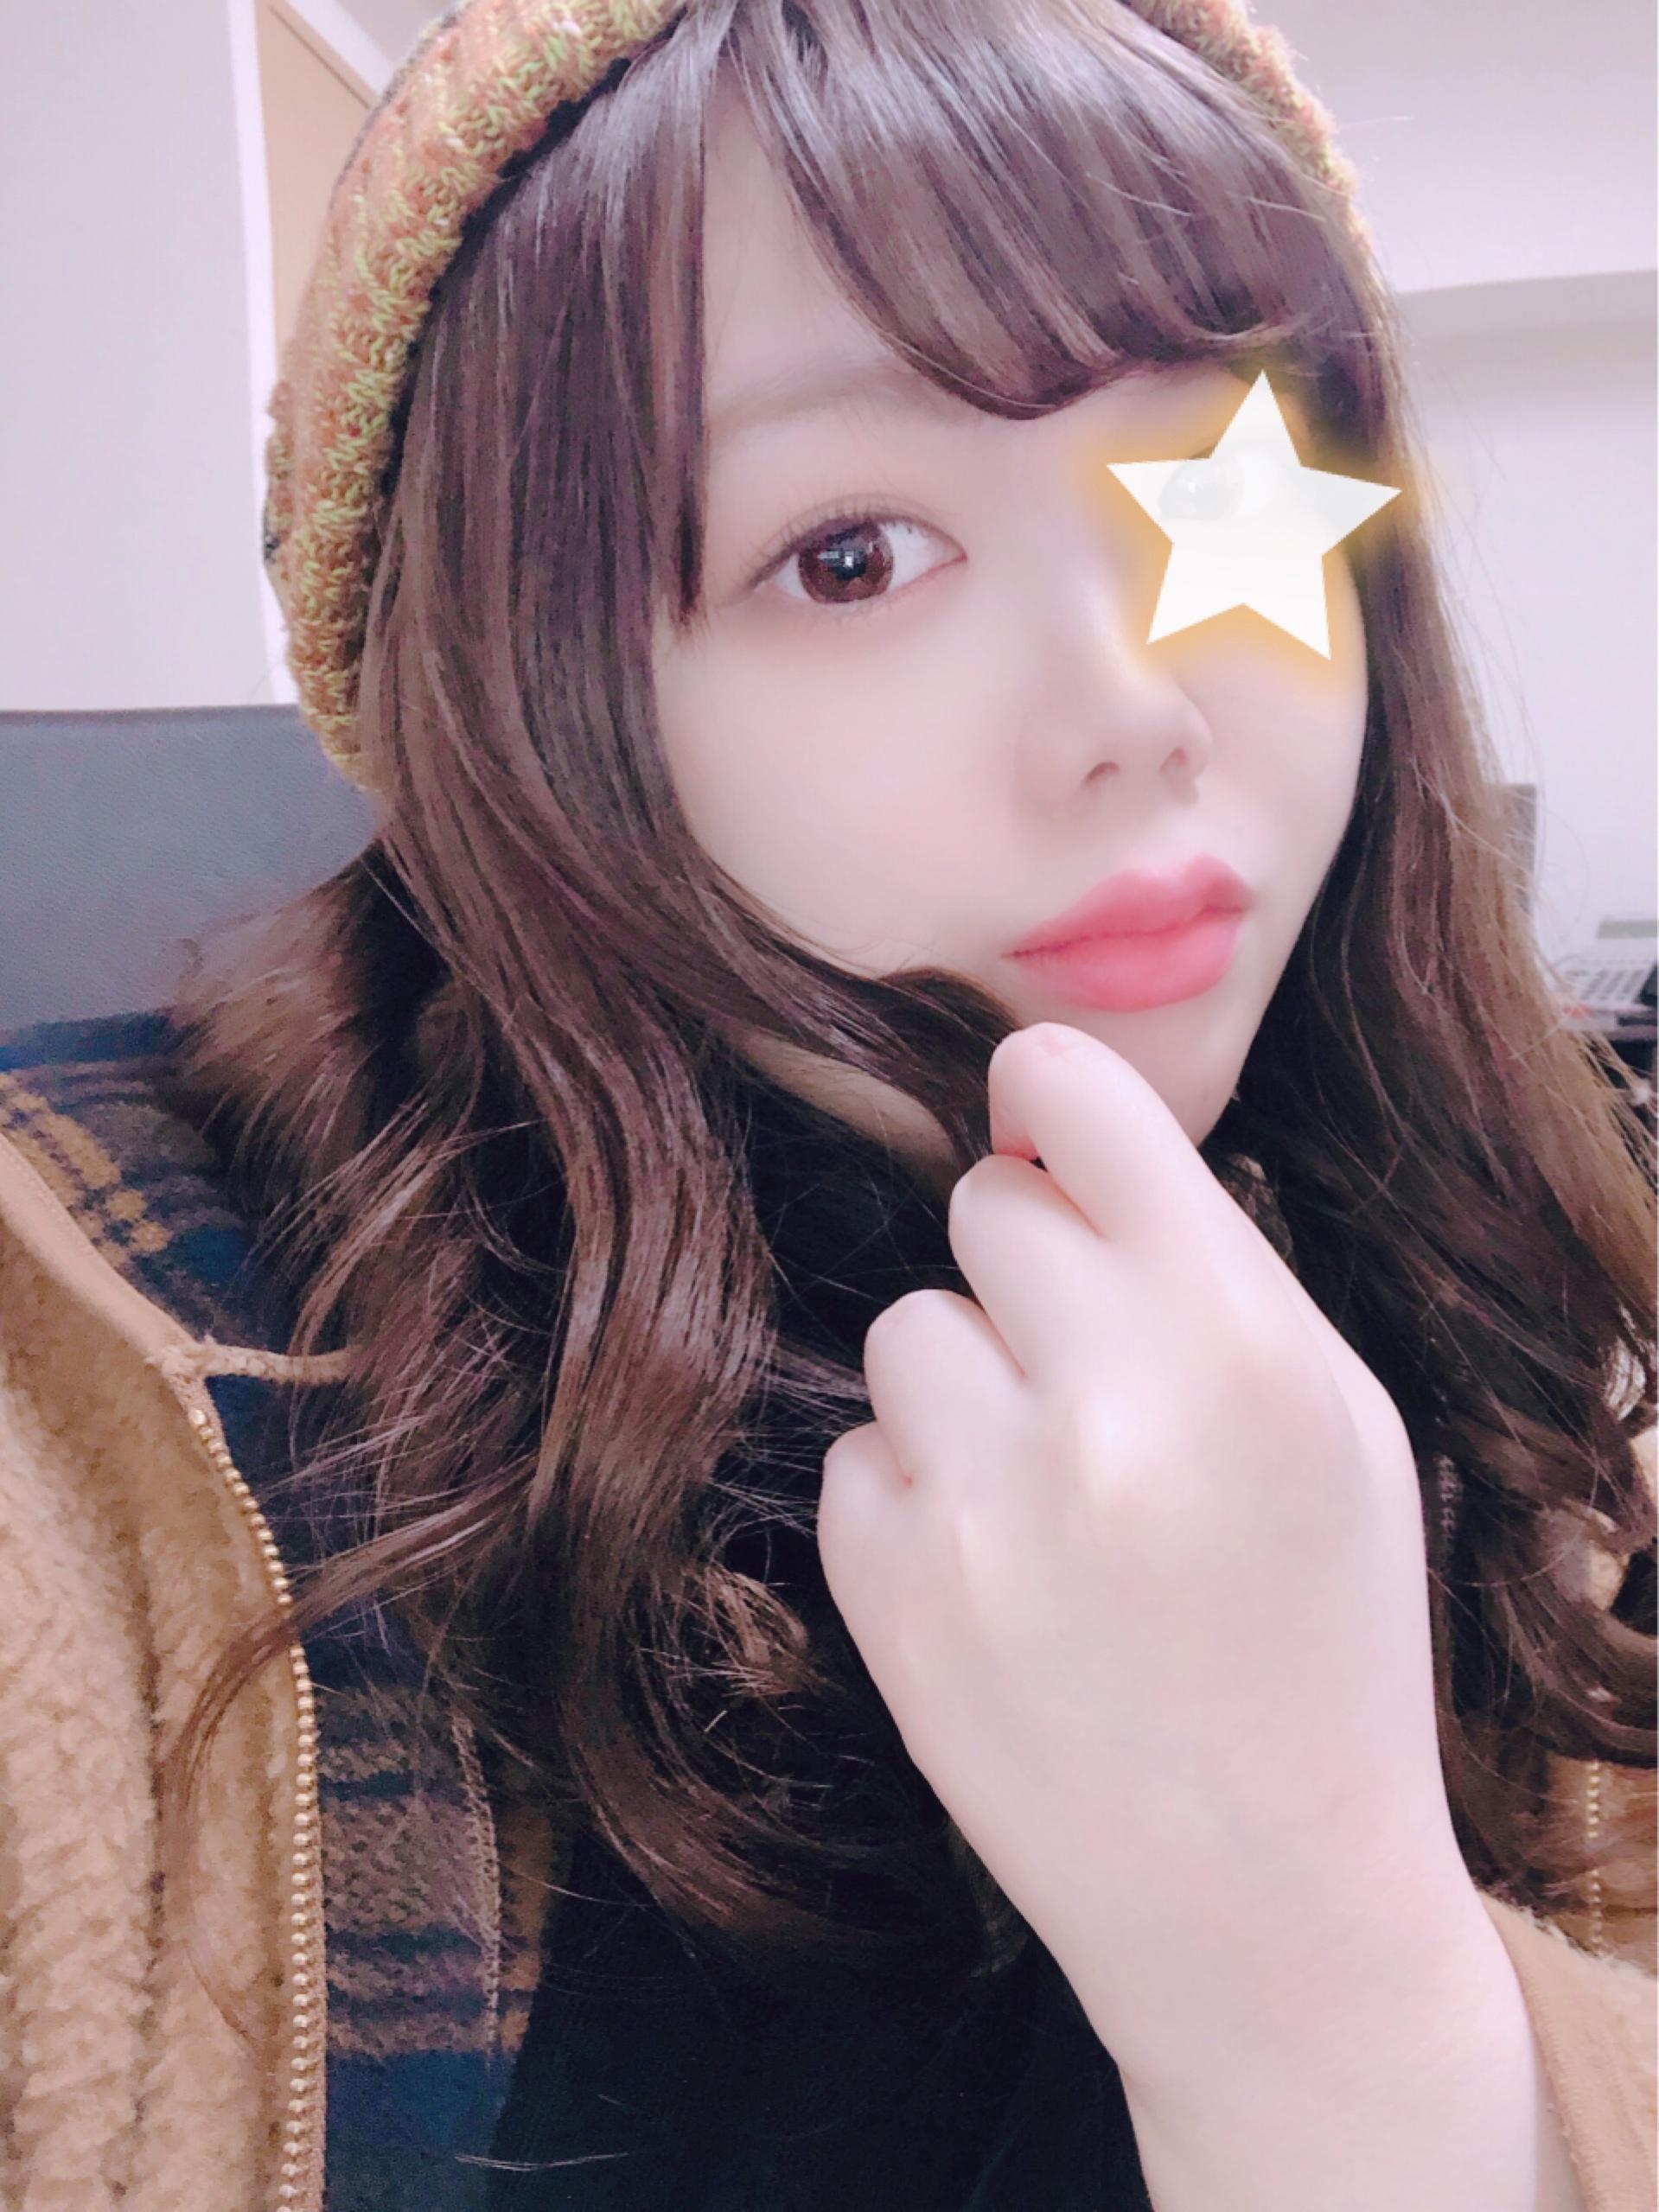 「12/19(2)」12/19(12/19) 13:13 | ぷりんちゃんの写メ・風俗動画